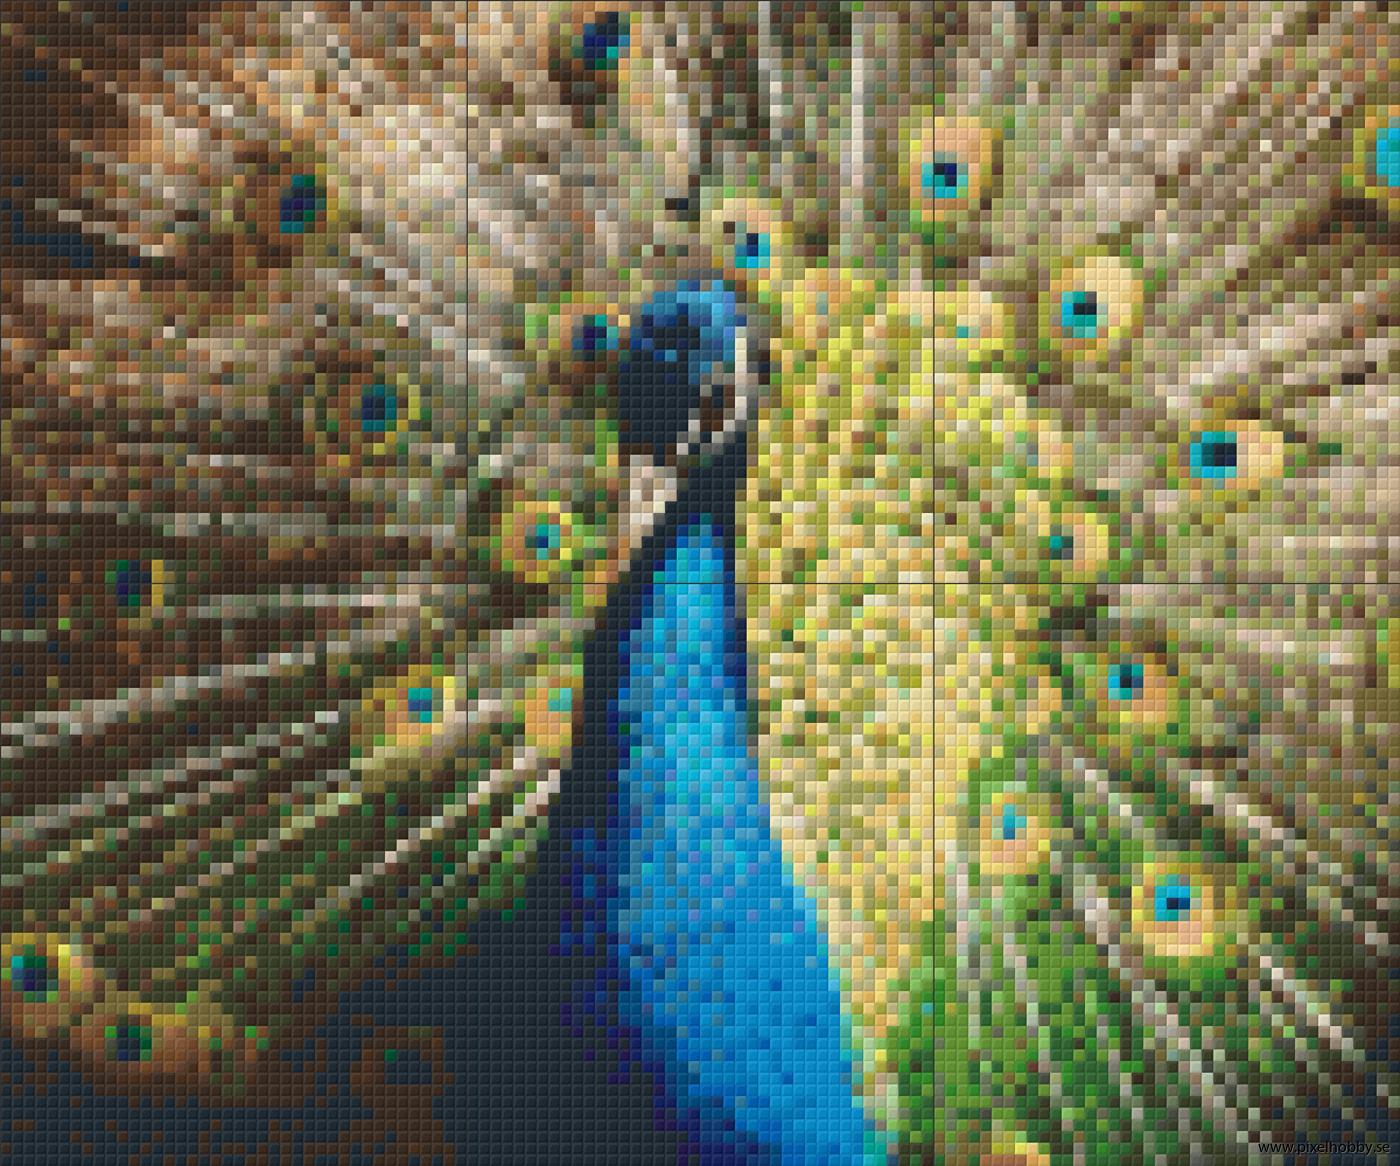 Påfågel3 6 rbp